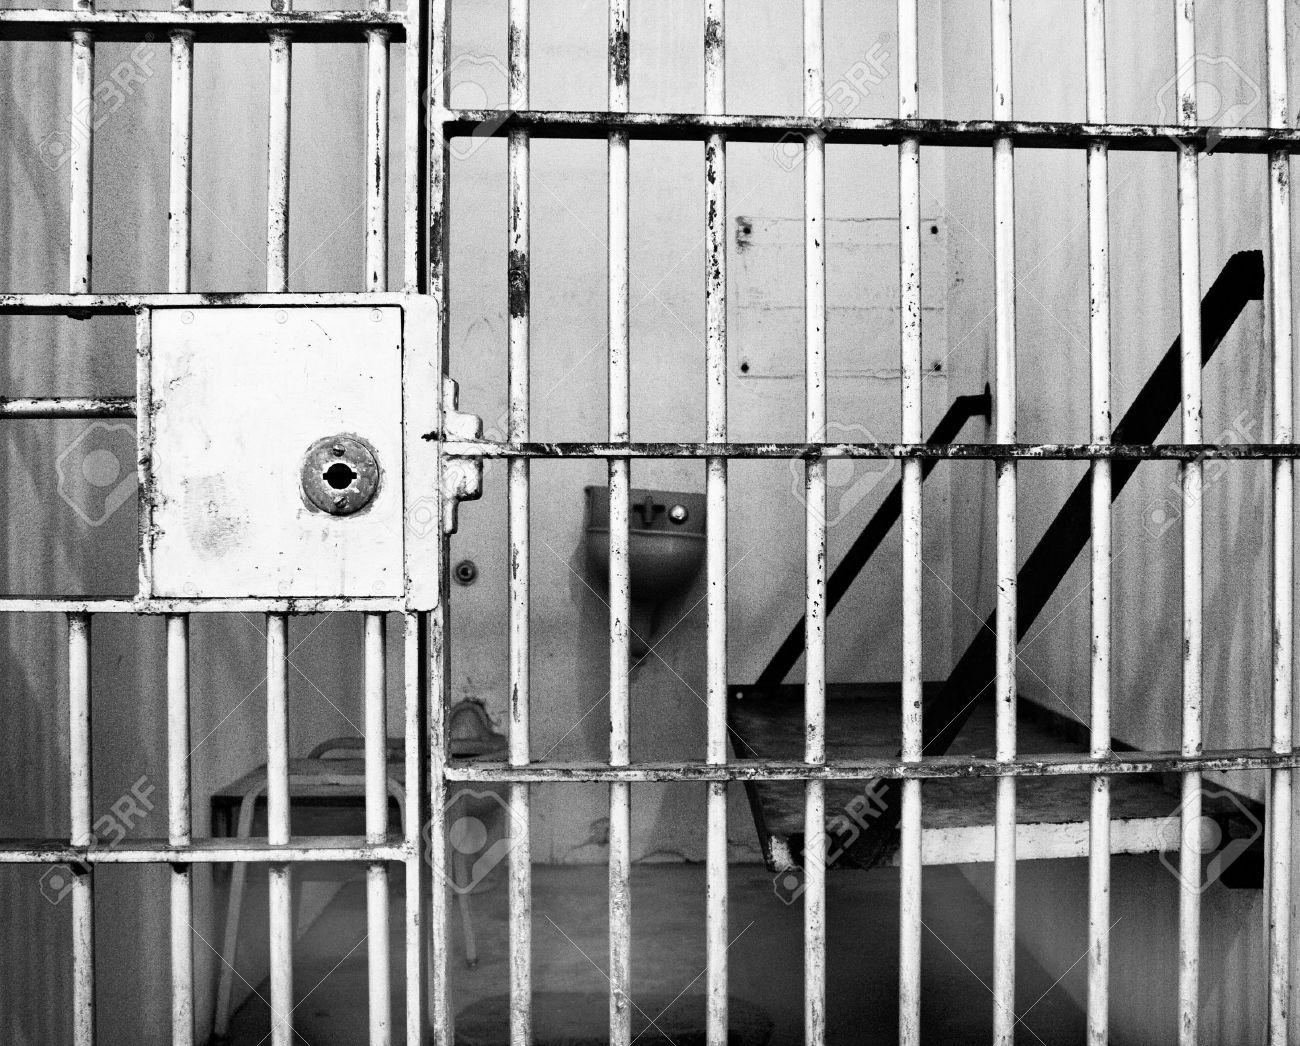 Resultado de imagen de foto de carcel en blanco y negro